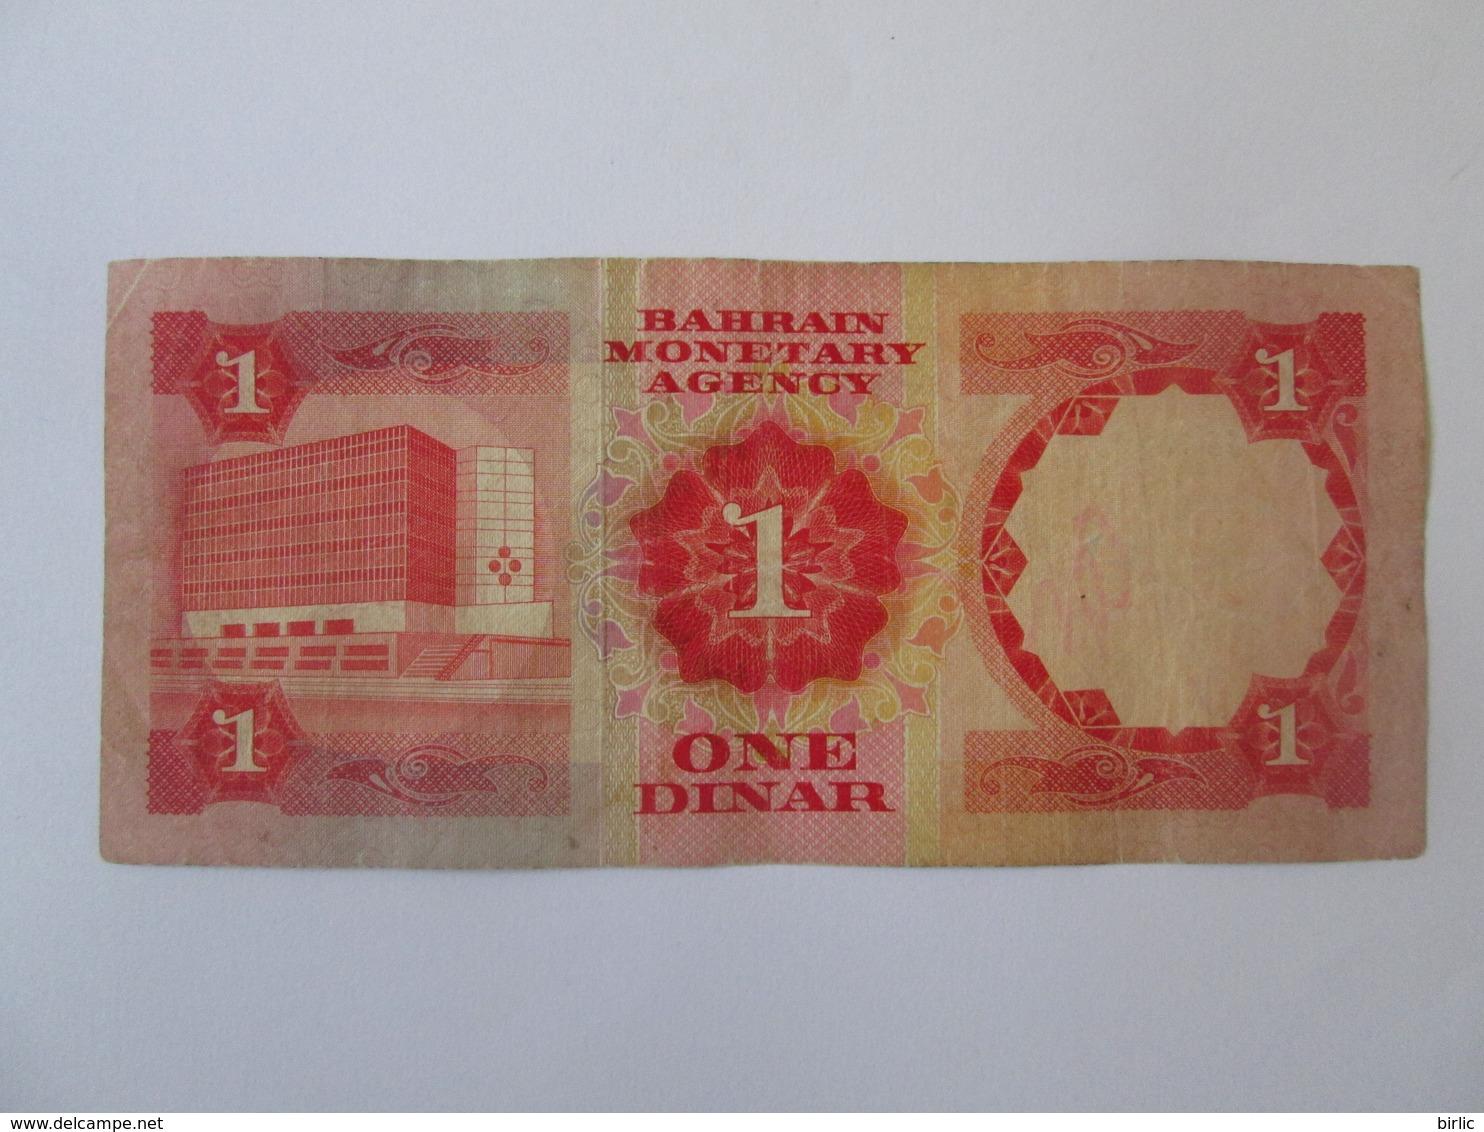 Bahrain 1 Dinar 1973 Banknote - Bahrein